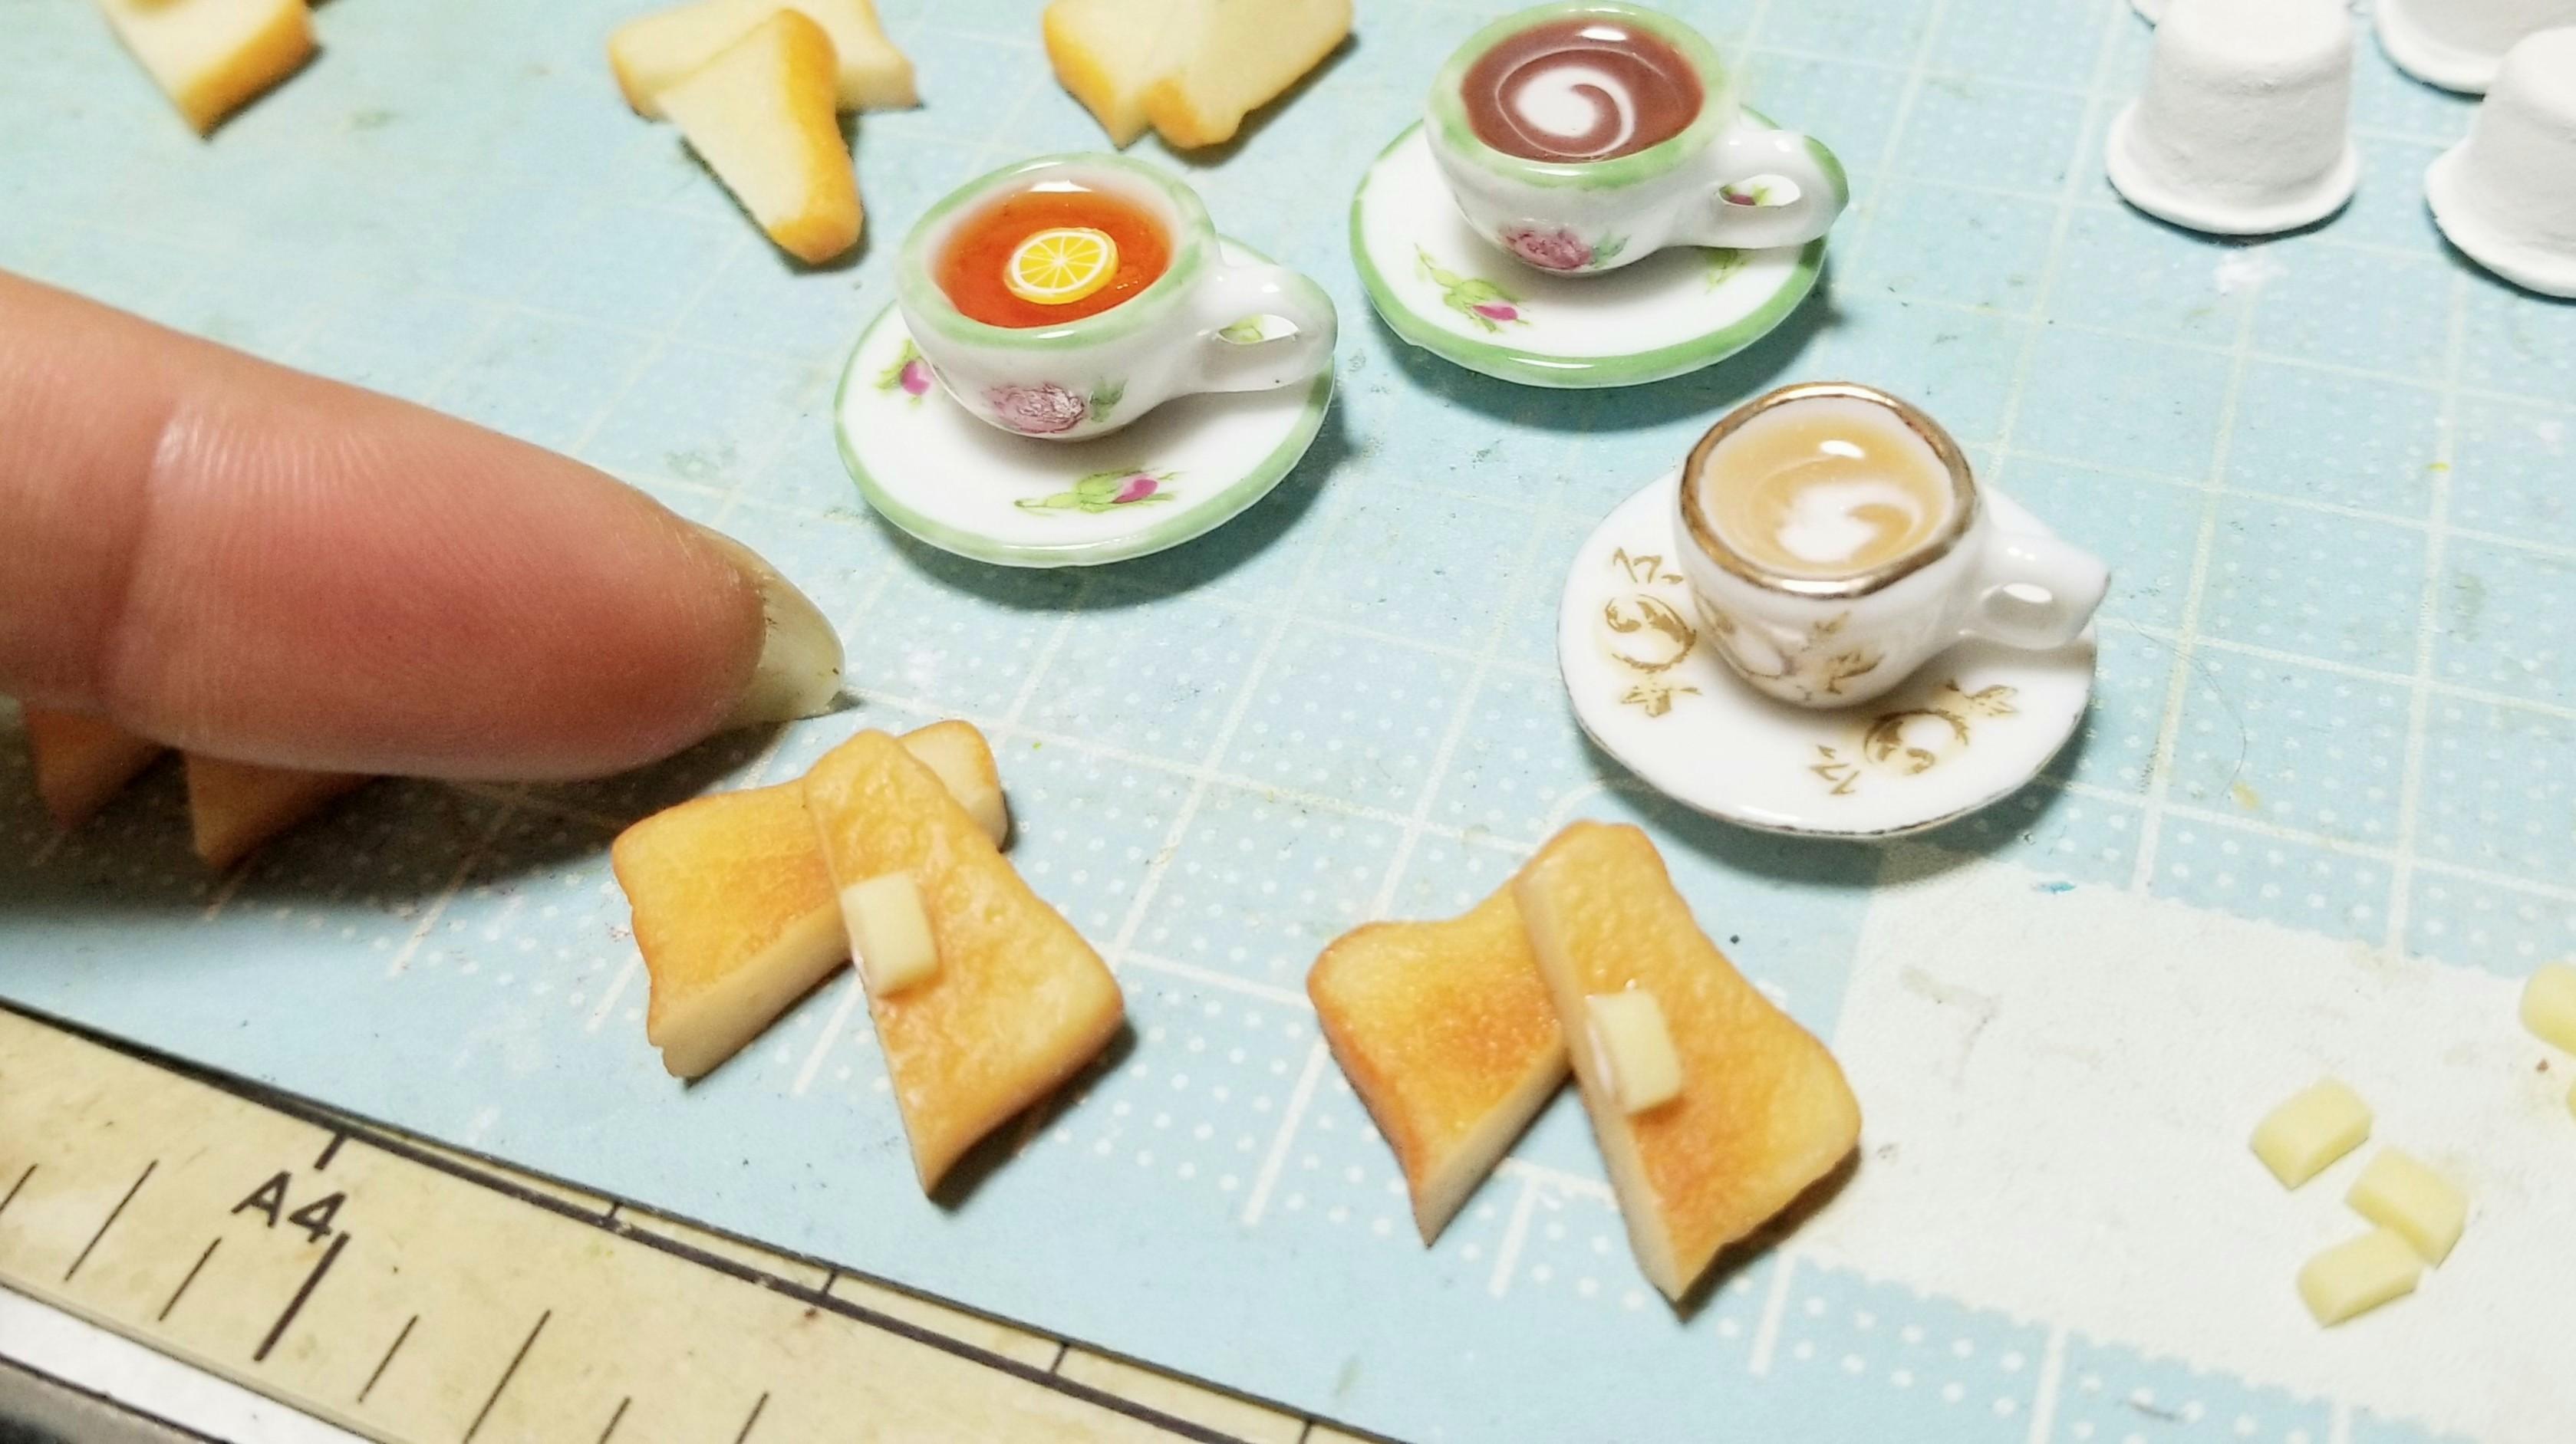 ミニチュアフードイベント愛媛今治四国ハンドメイド樹脂粘土ドール